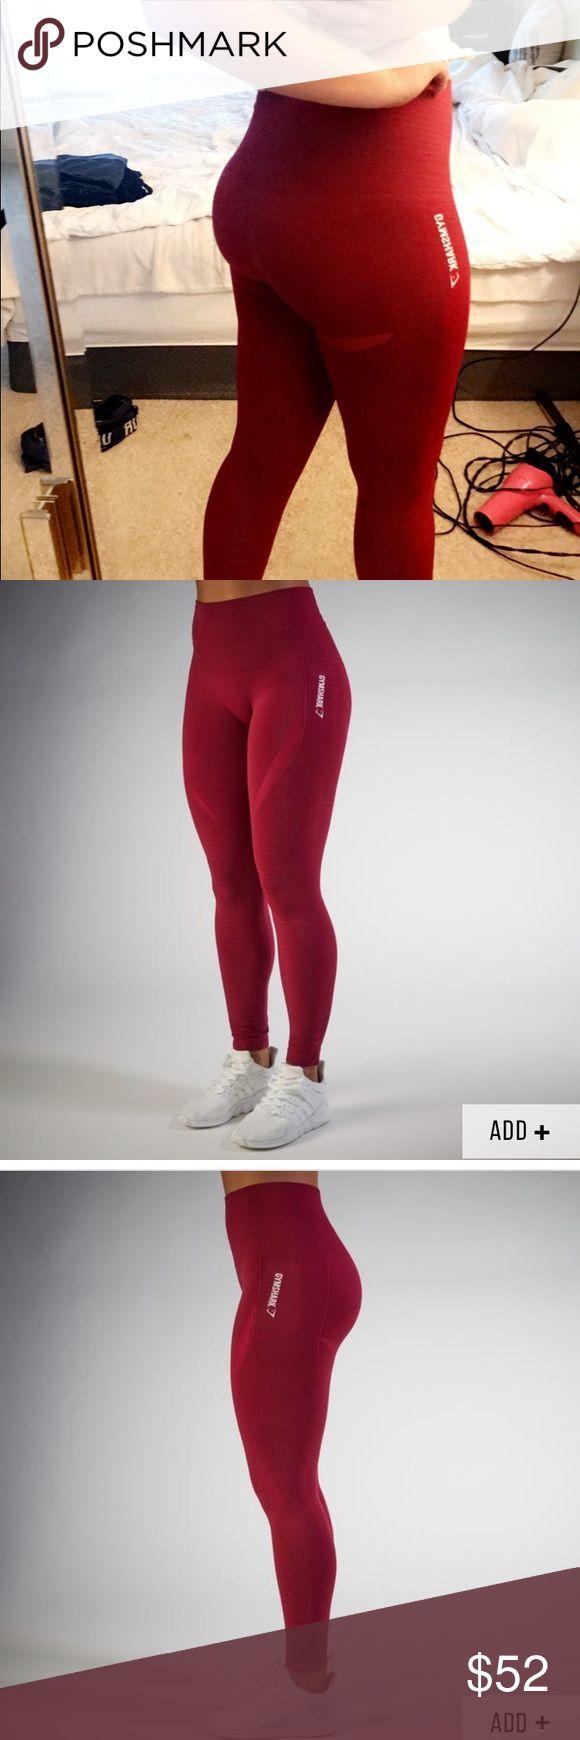 NWT Gymshark Leggings Brand New gymshark Pants Leggings